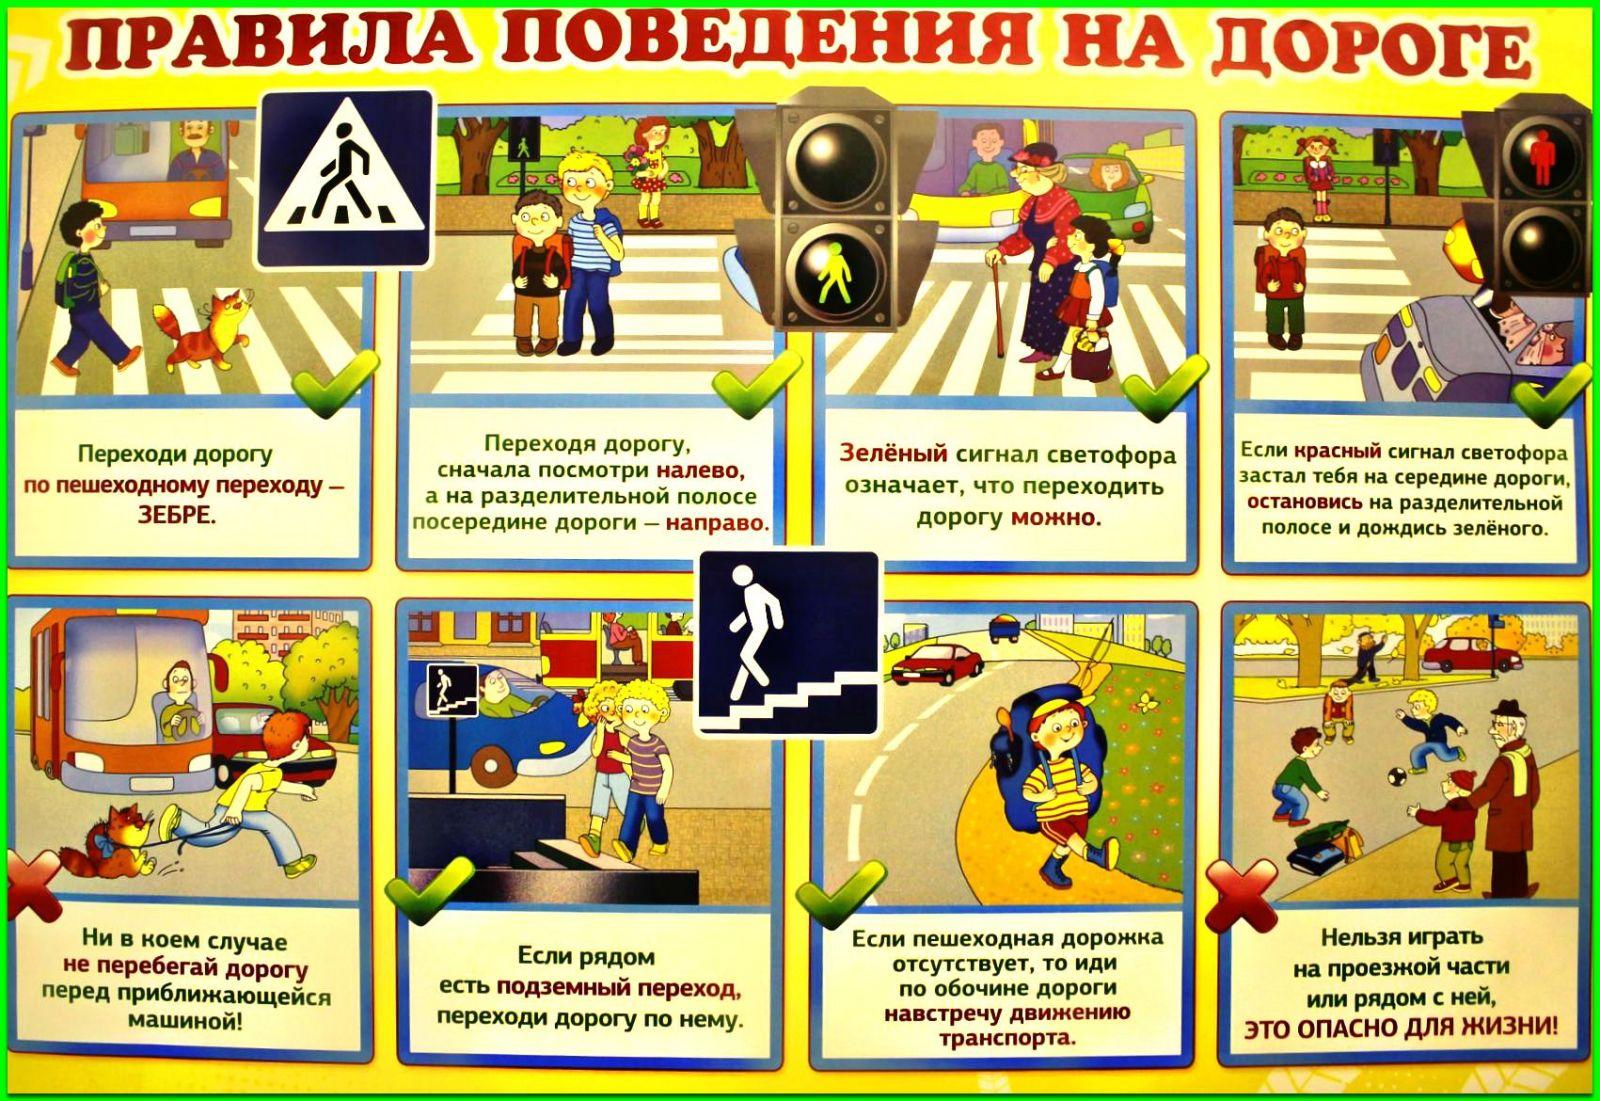 pravila_povedenija_na_doroge